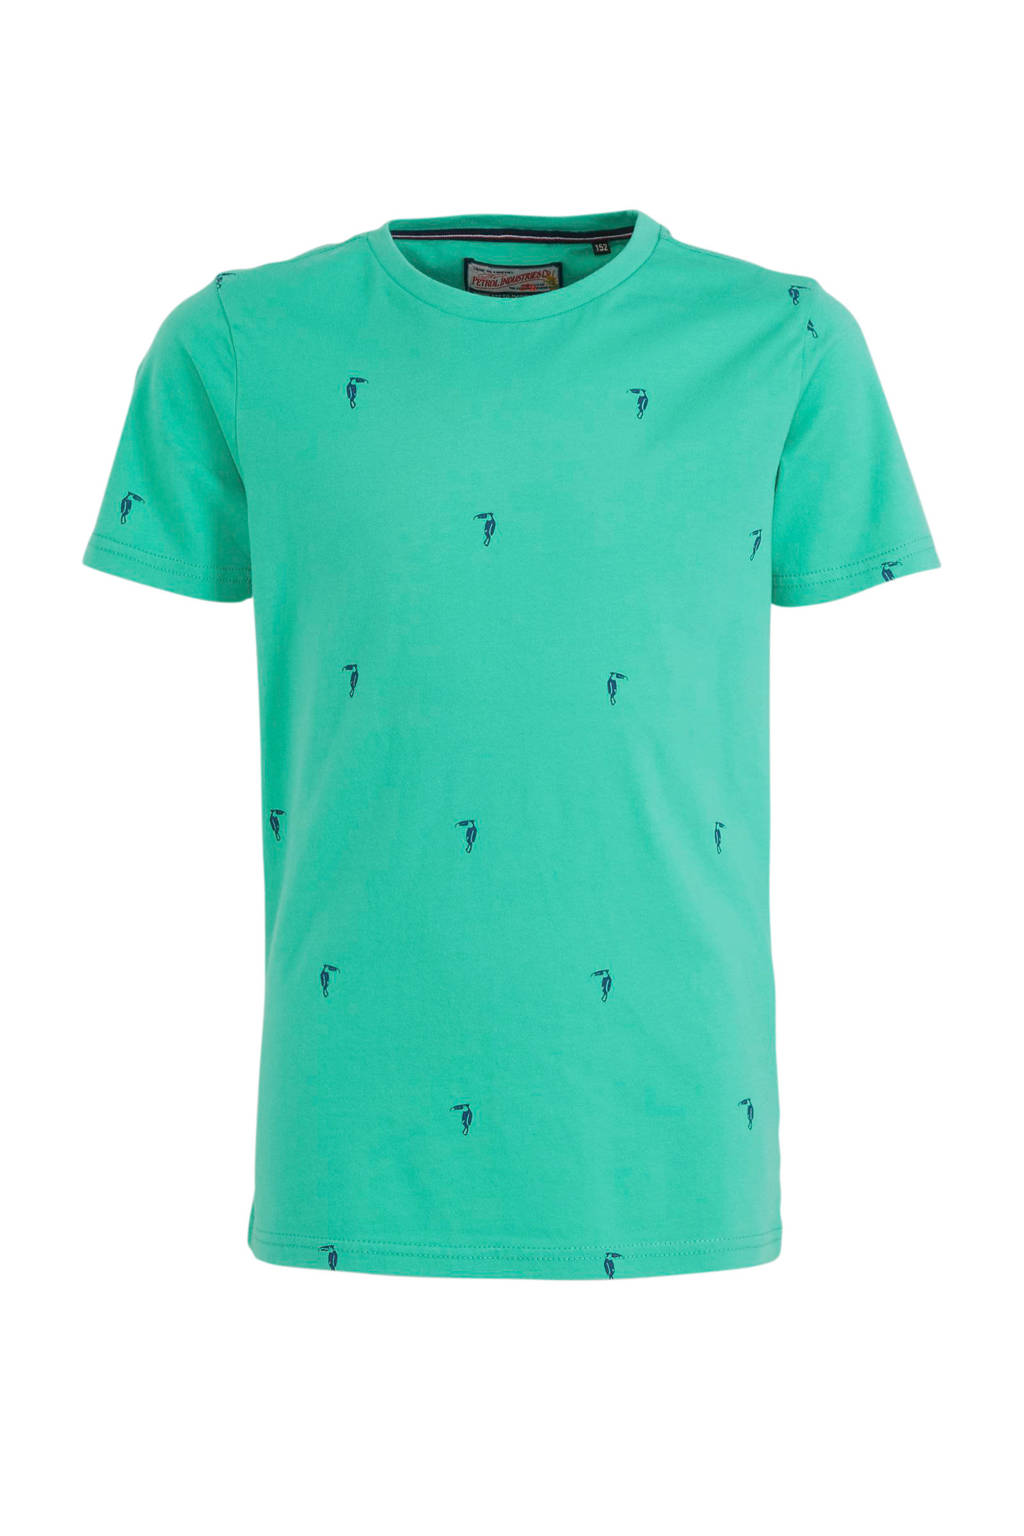 Petrol Industries T-shirt met all over print zeegroen, Zeegroen